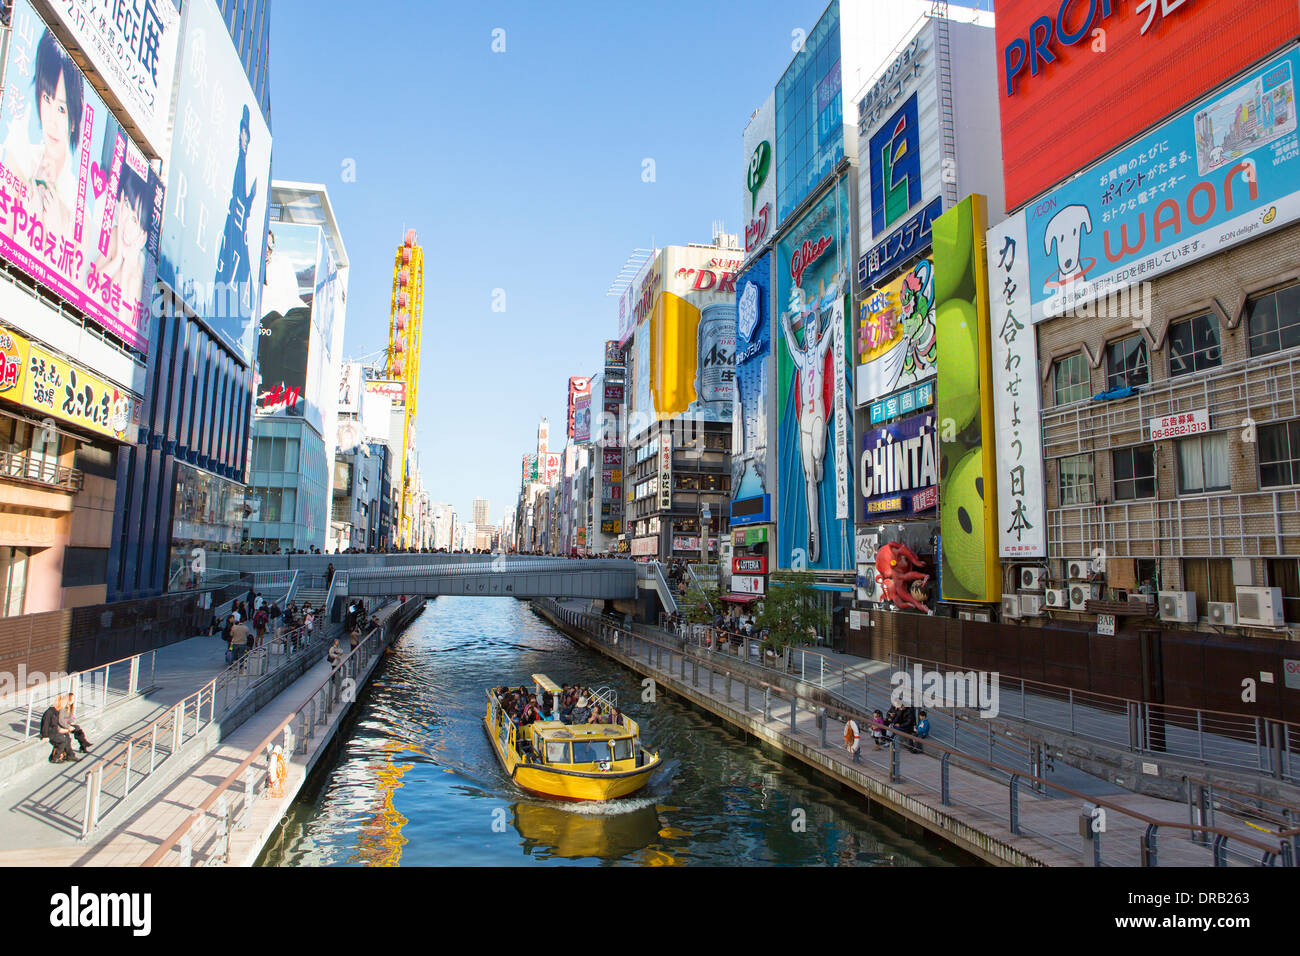 Imbarcazione turistica su Dotonbori, Osaka, Giappone Immagini Stock